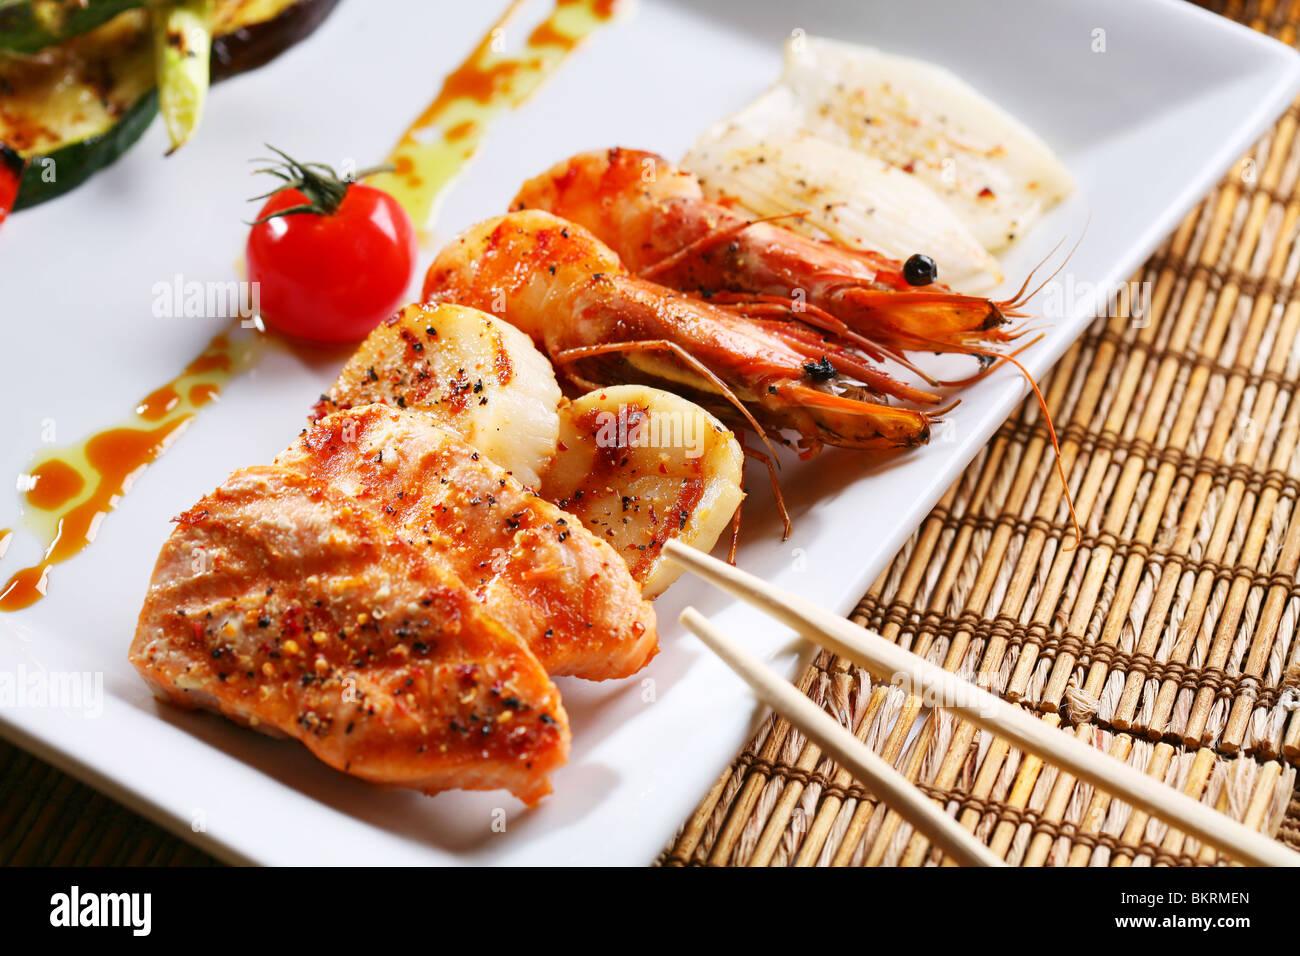 Meeresfrüchte auf einem weißen Teller Stockbild